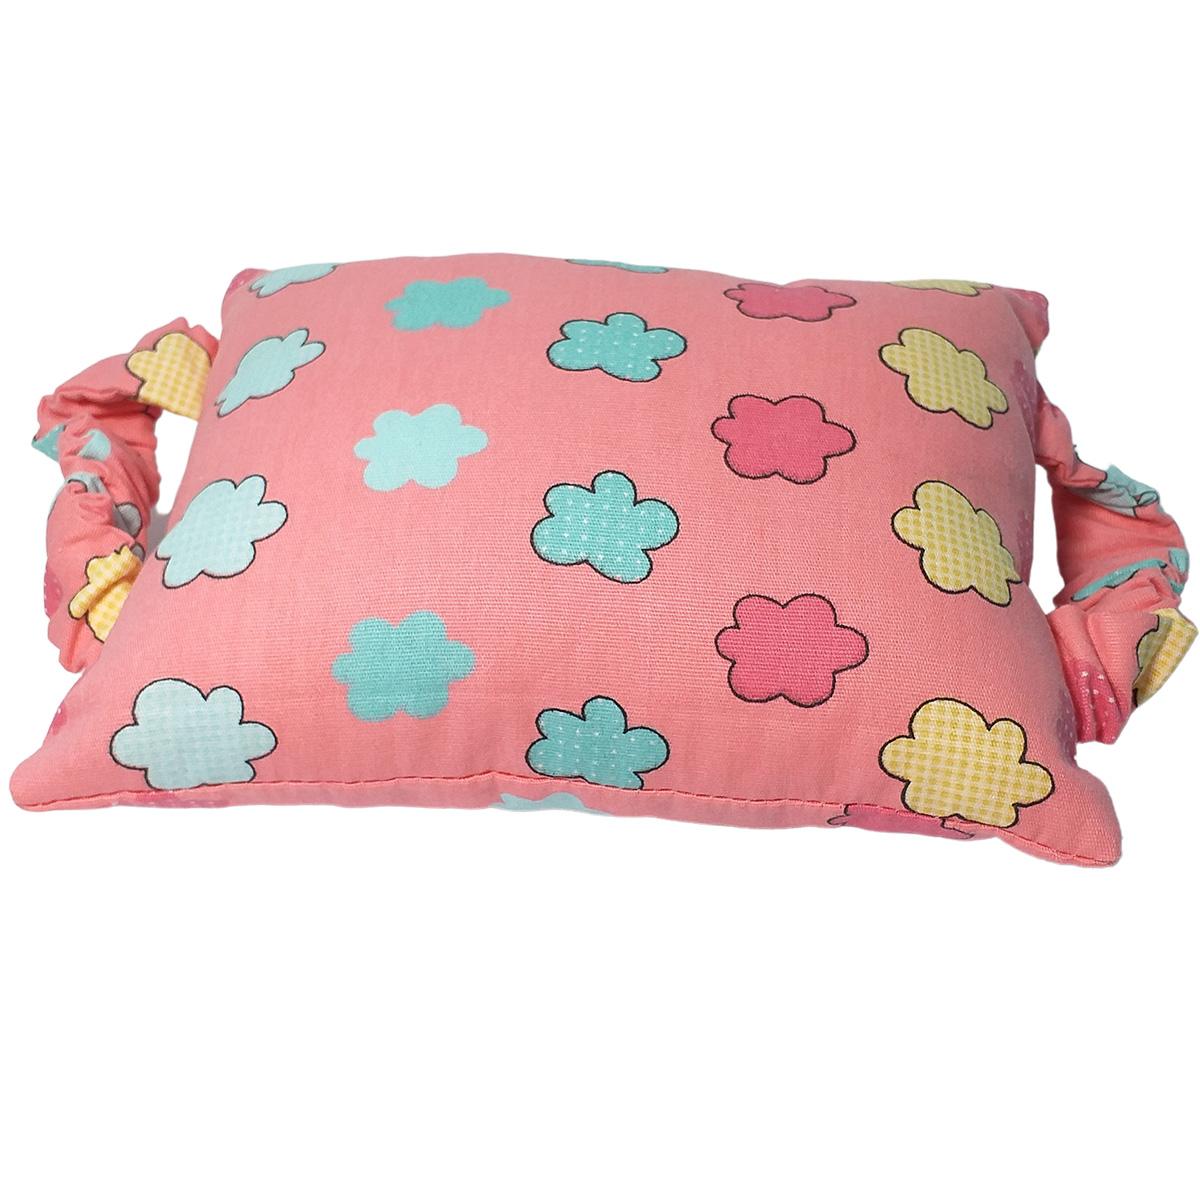 Kit Bebê 3 Peças Estampa Rosa com Nuvens| Bolsa Térmica Cólicas, Toalha de Boca e Protetor de Porta